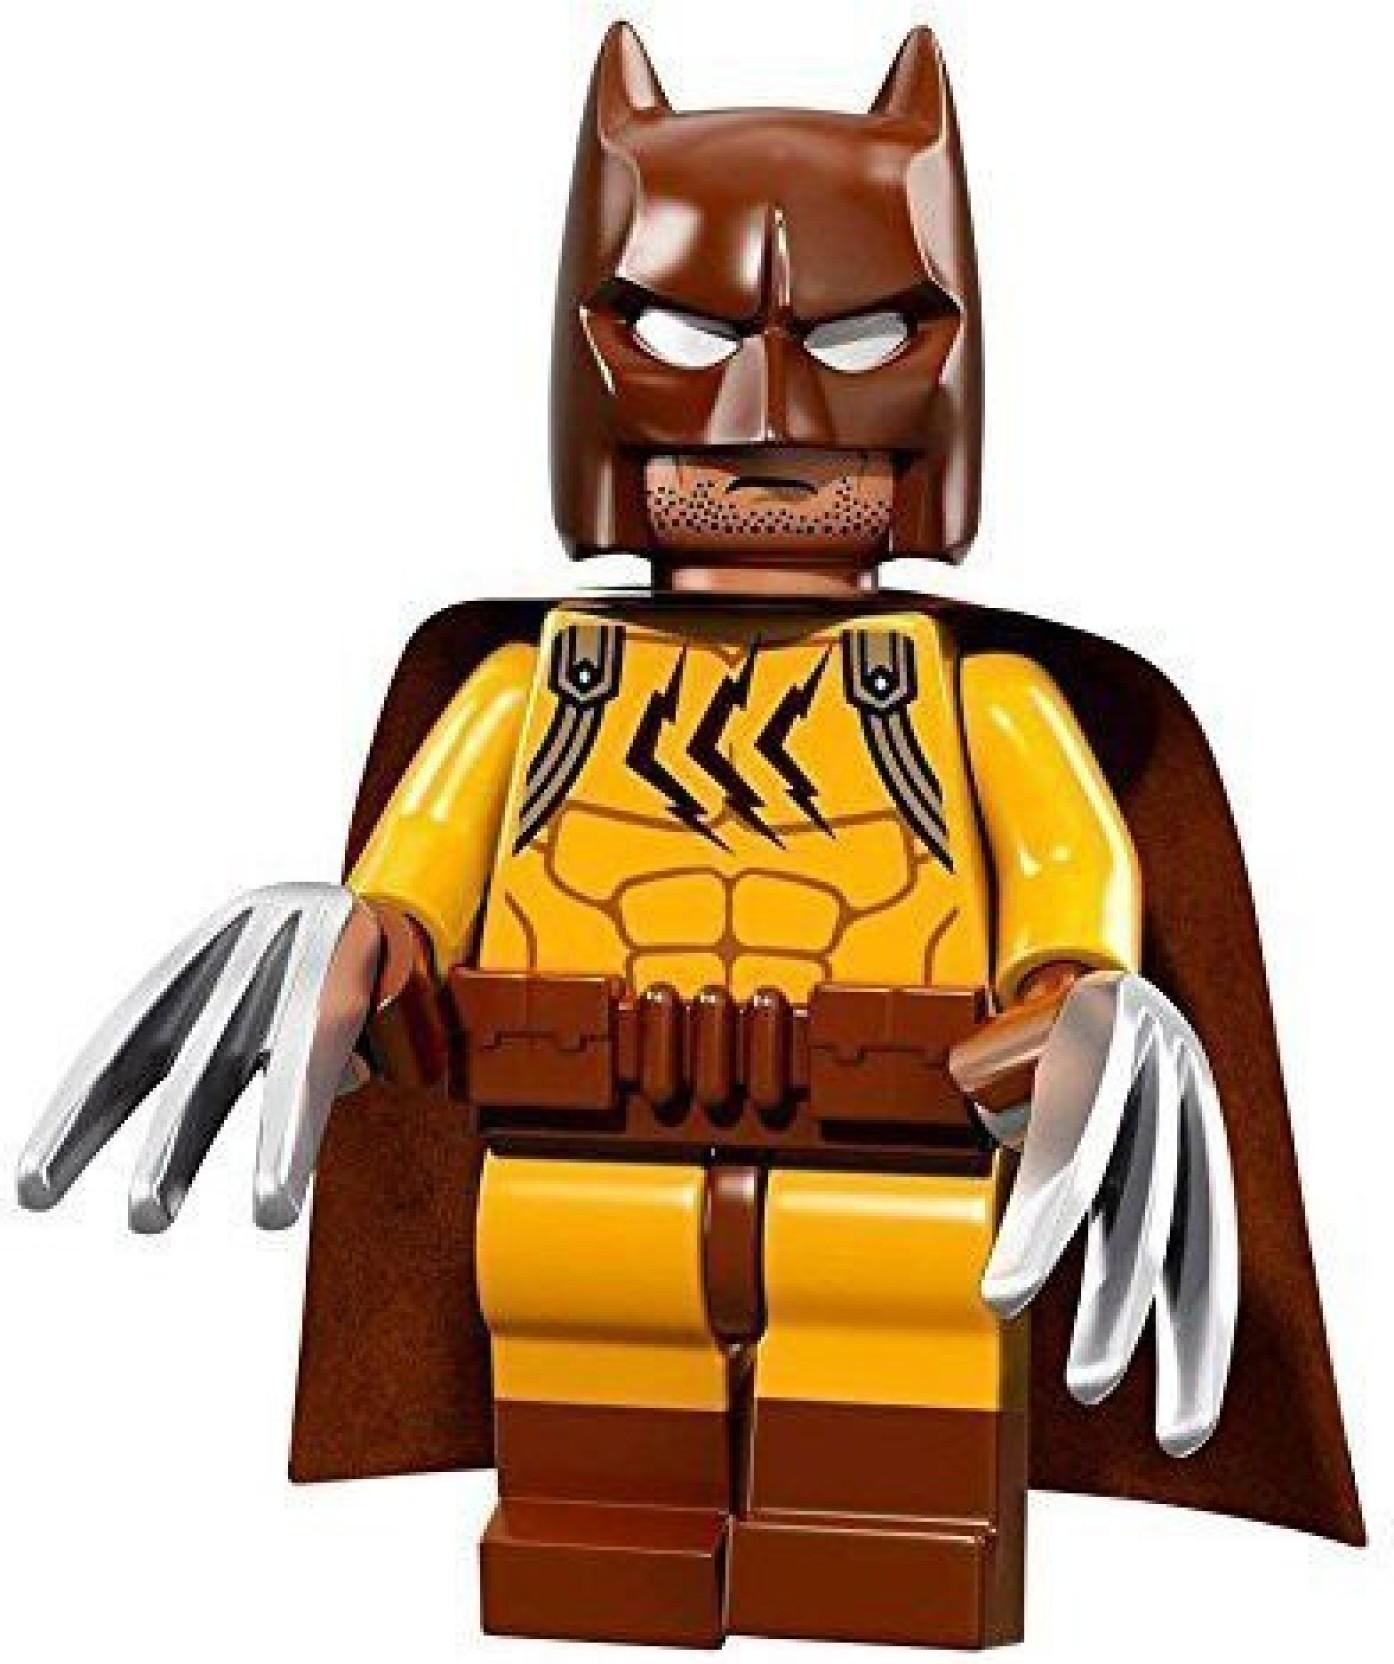 lego minifigures batman series 1 catman